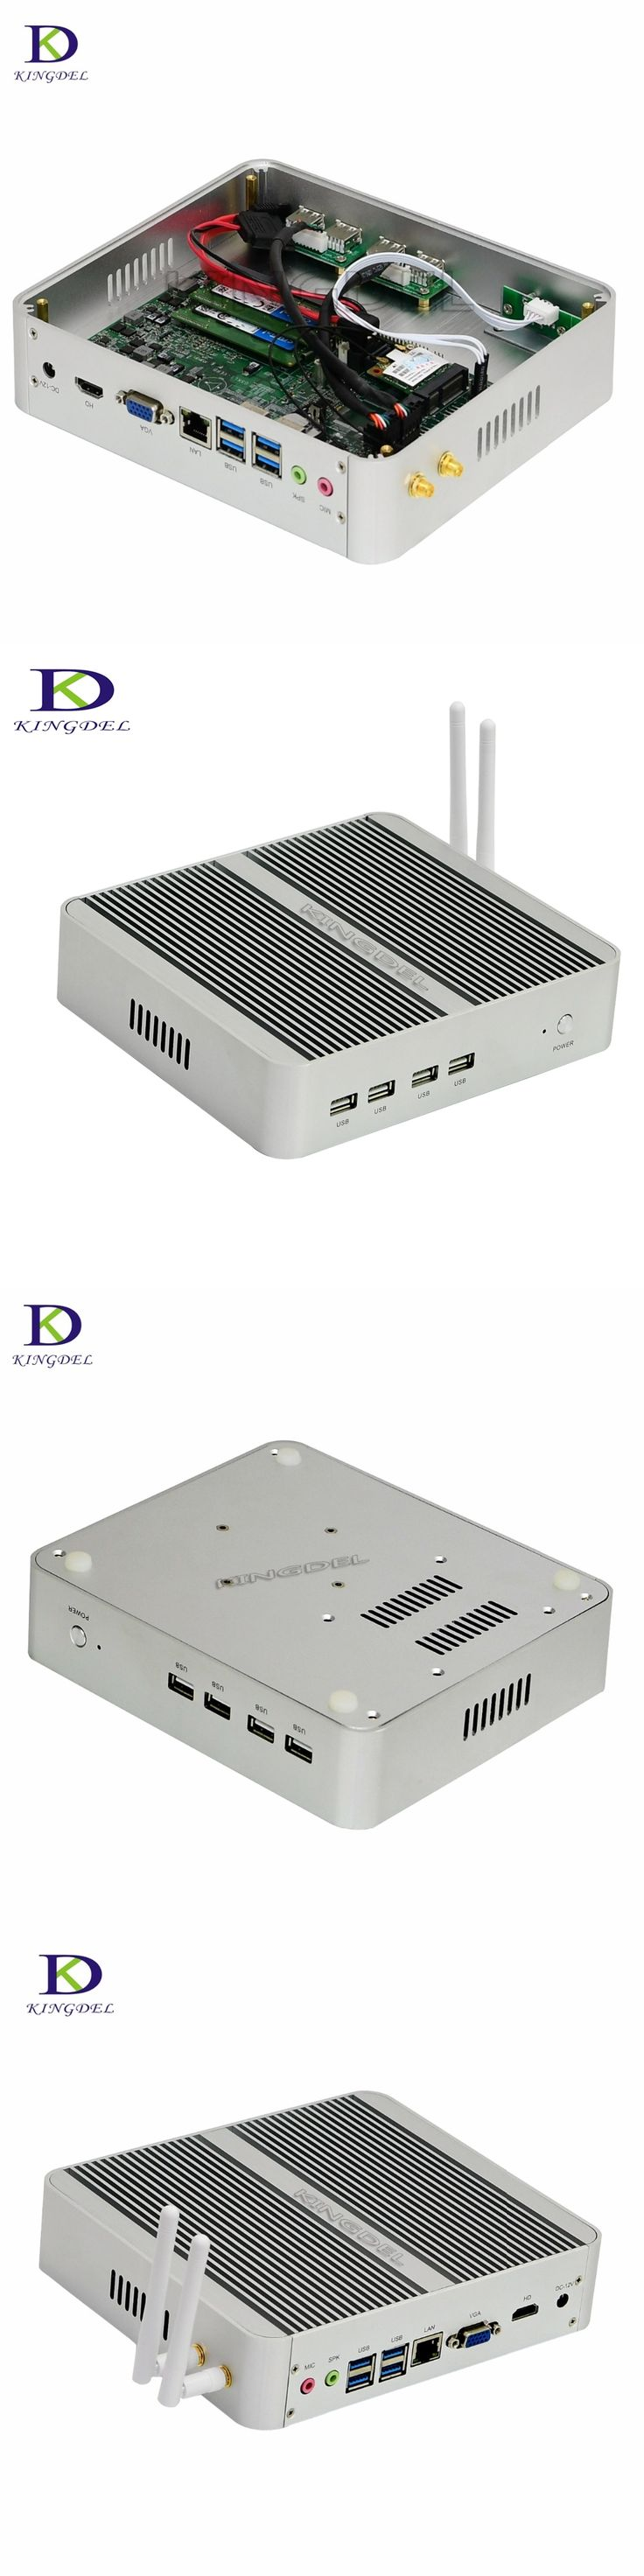 Kaby Lake Core i5 7200U Nuc Mini PC Windows 10 HDMI+VGA Mini PC i5 mini computer 4K HTPC 16G RAM 256G Fanless Nettop PC